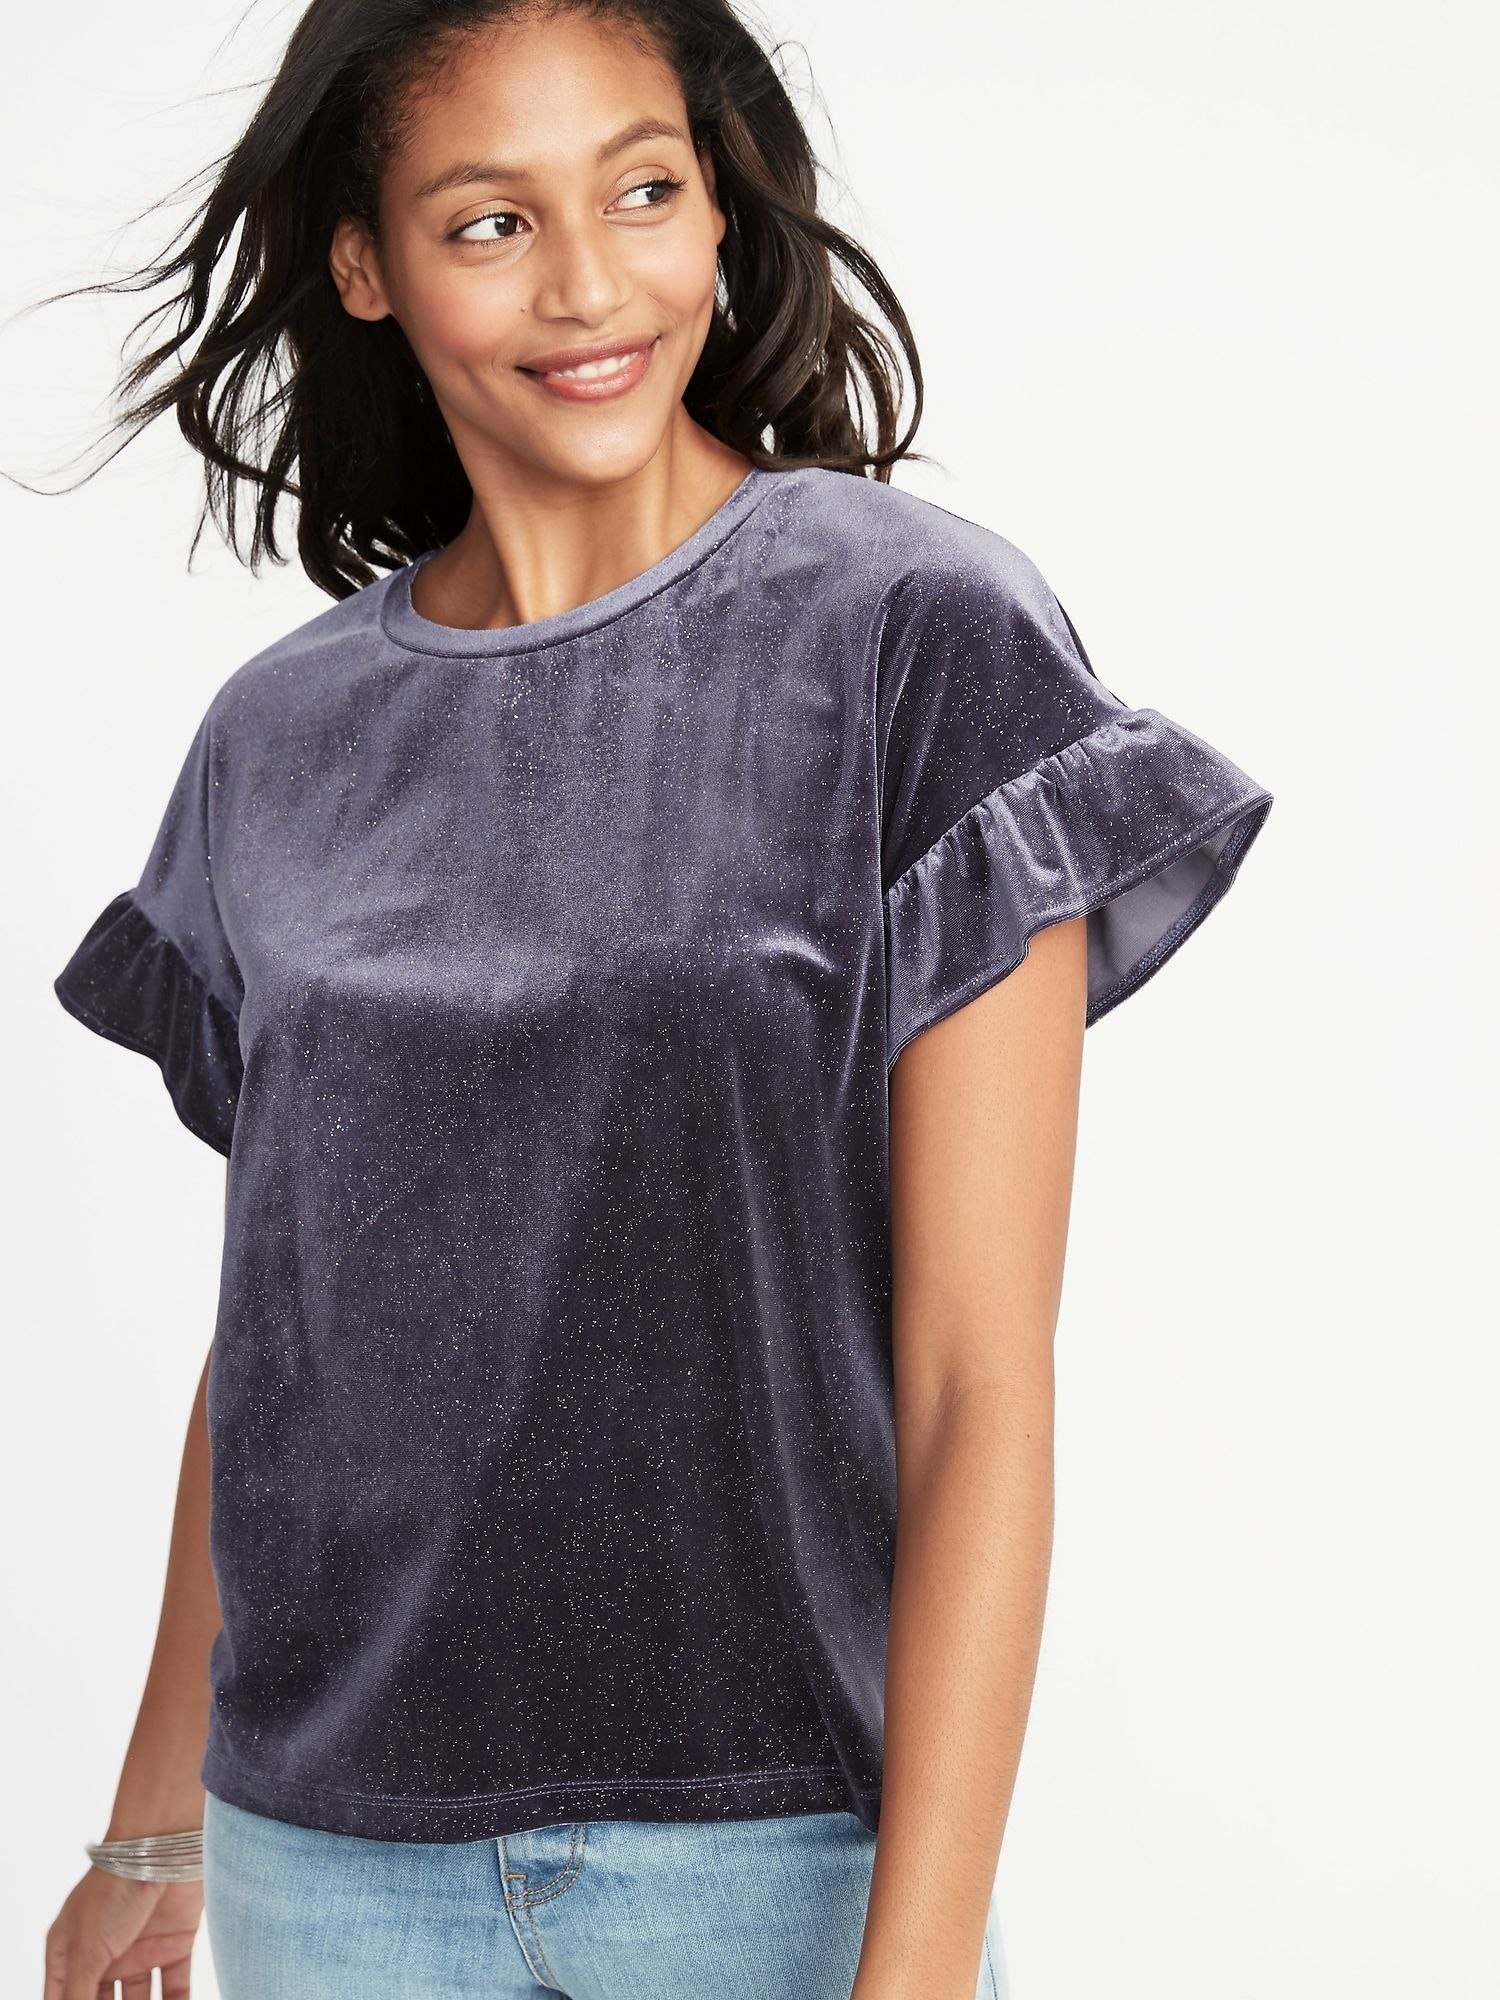 042a3a6ca43 Glitter-Velvet Ruffle-Sleeve Top for Women